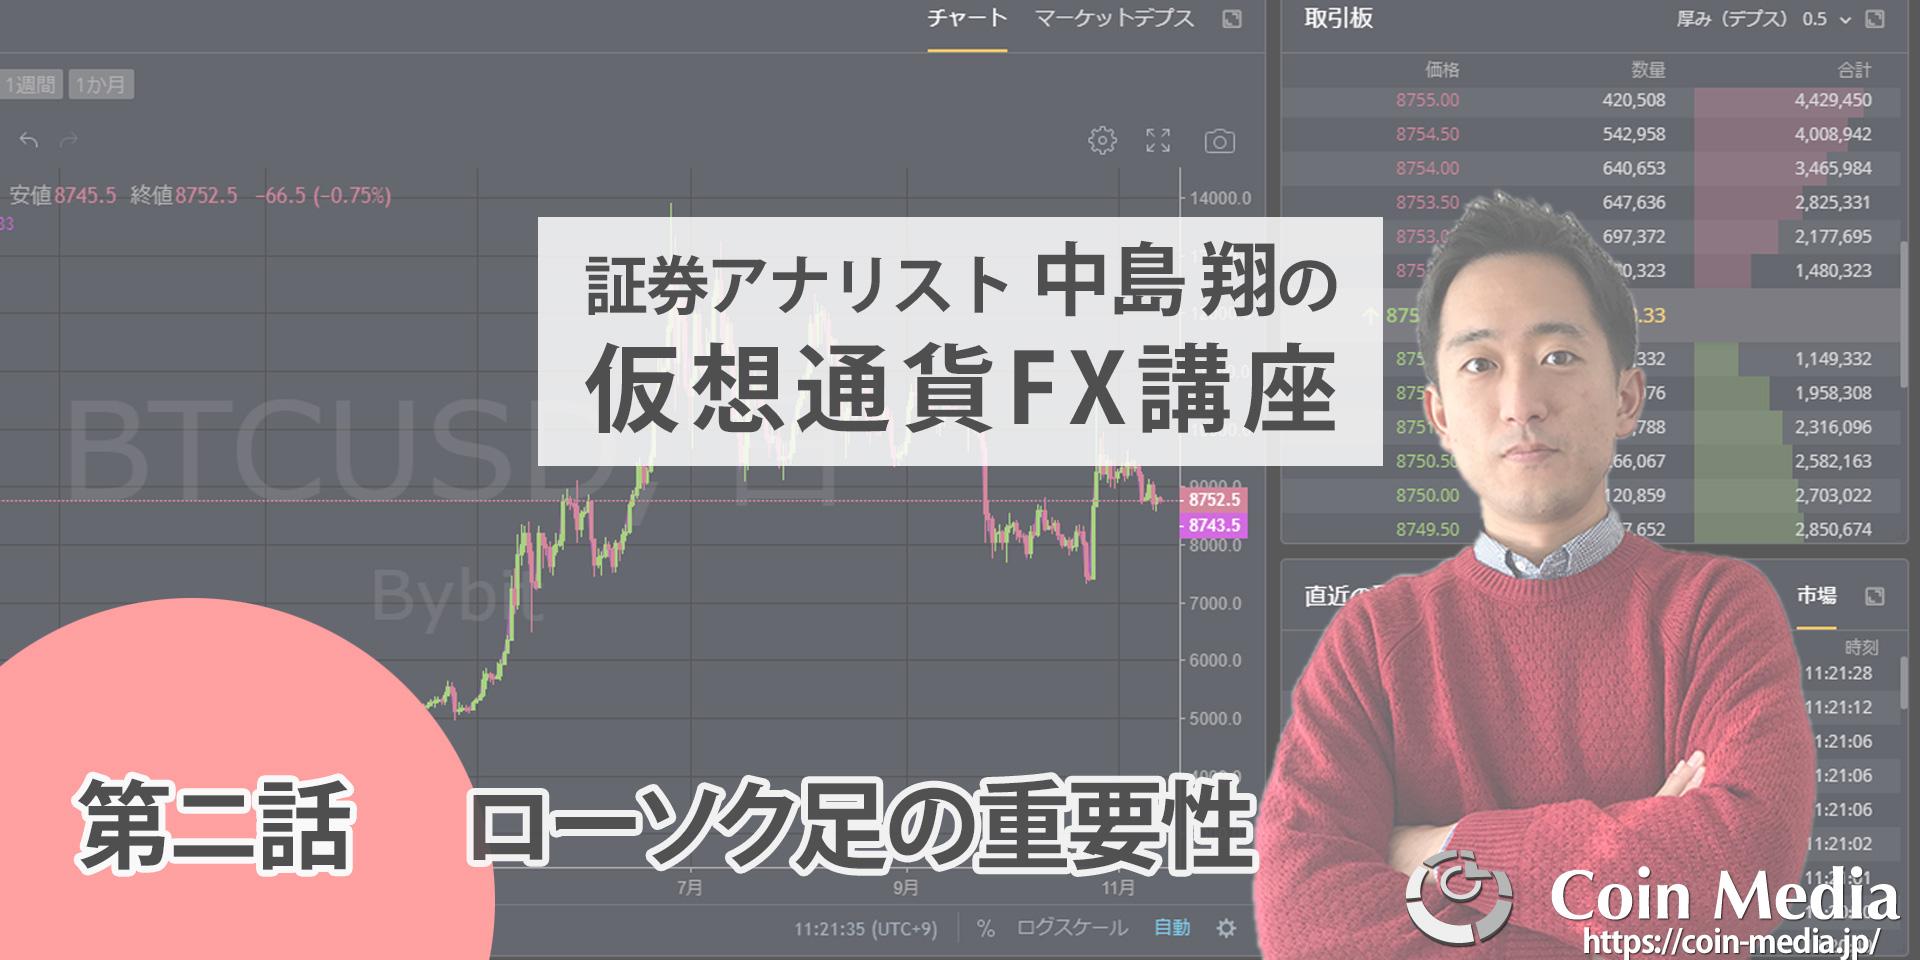 初心者のための仮想通貨FX講座第二話ローソク足の重要性